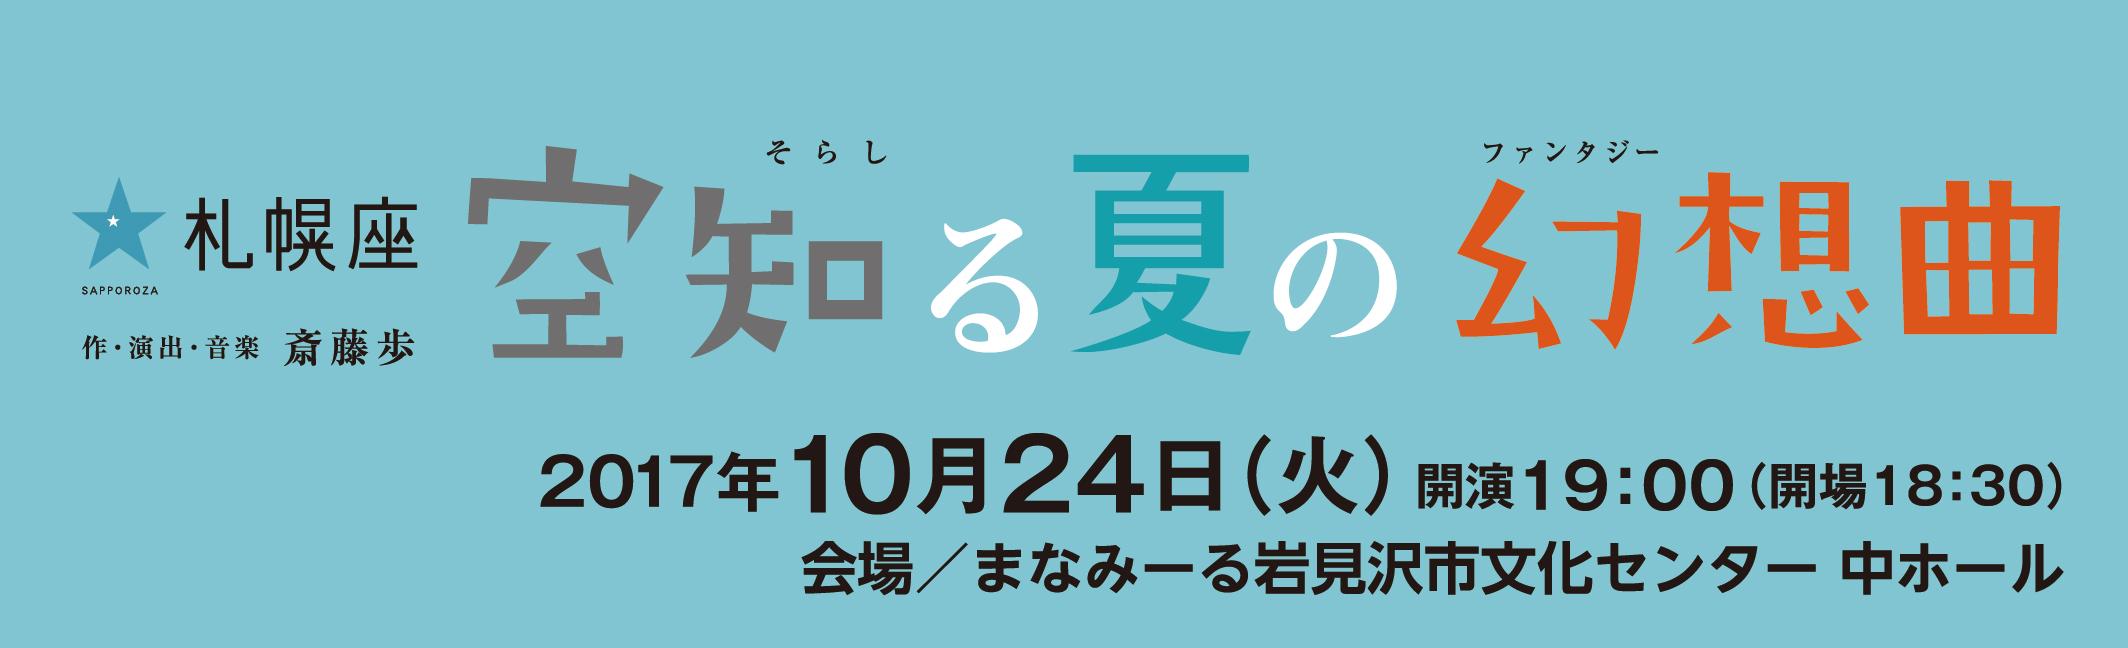 札幌座第53回公演「空知る夏の幻想曲」岩見沢公演